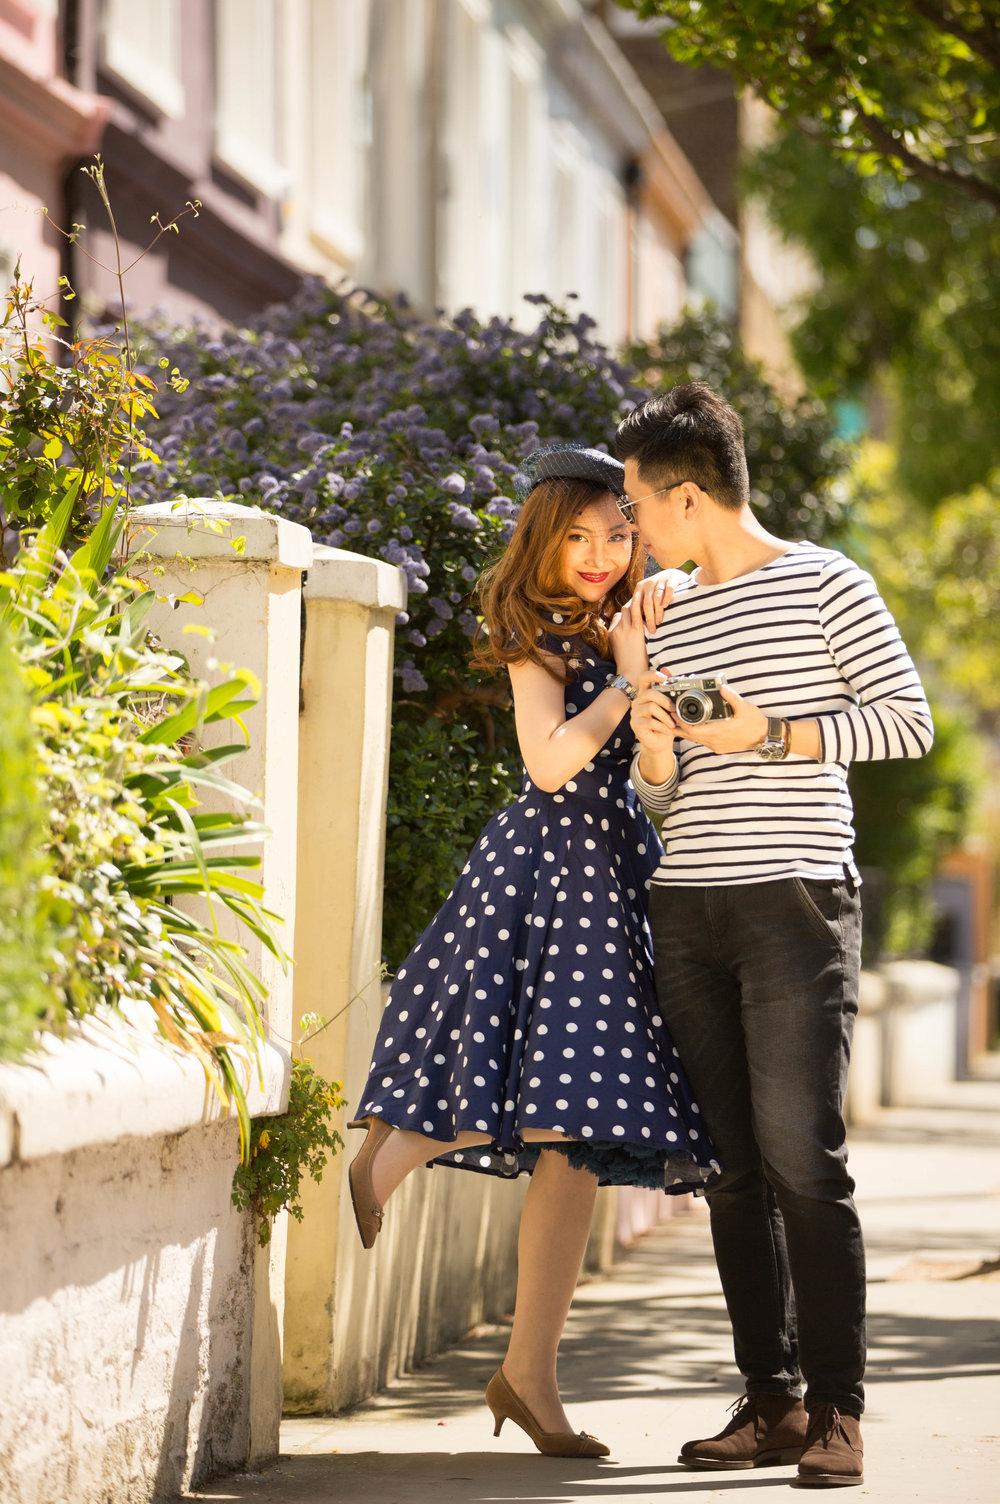 chinese-london-uk-styled-vintage-engagement-wedding-photography-07